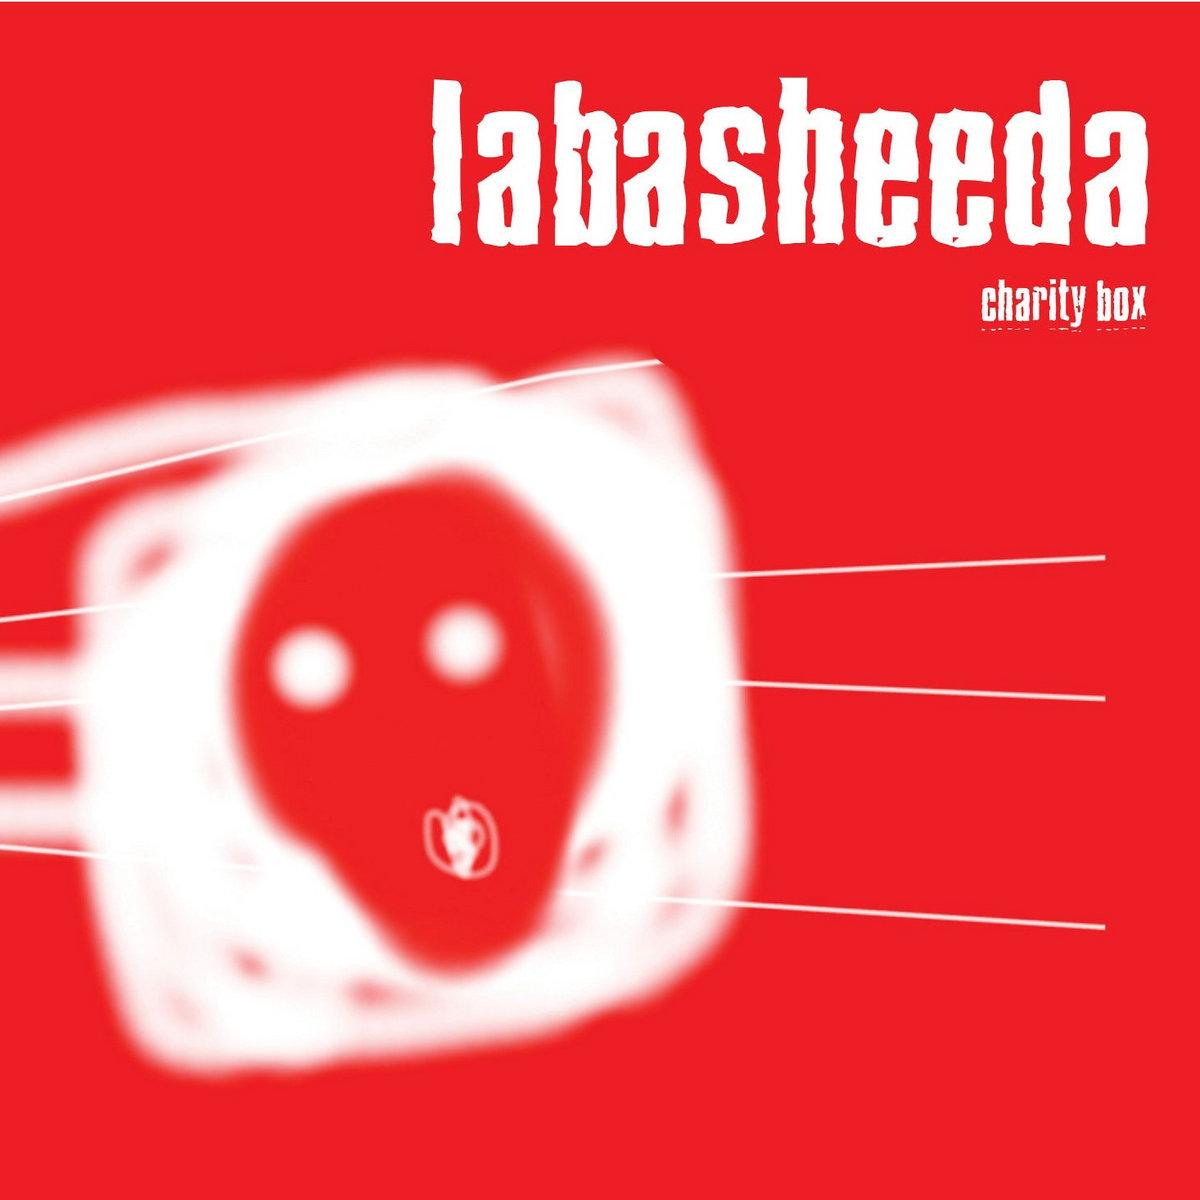 Labasheeda — Charity Box